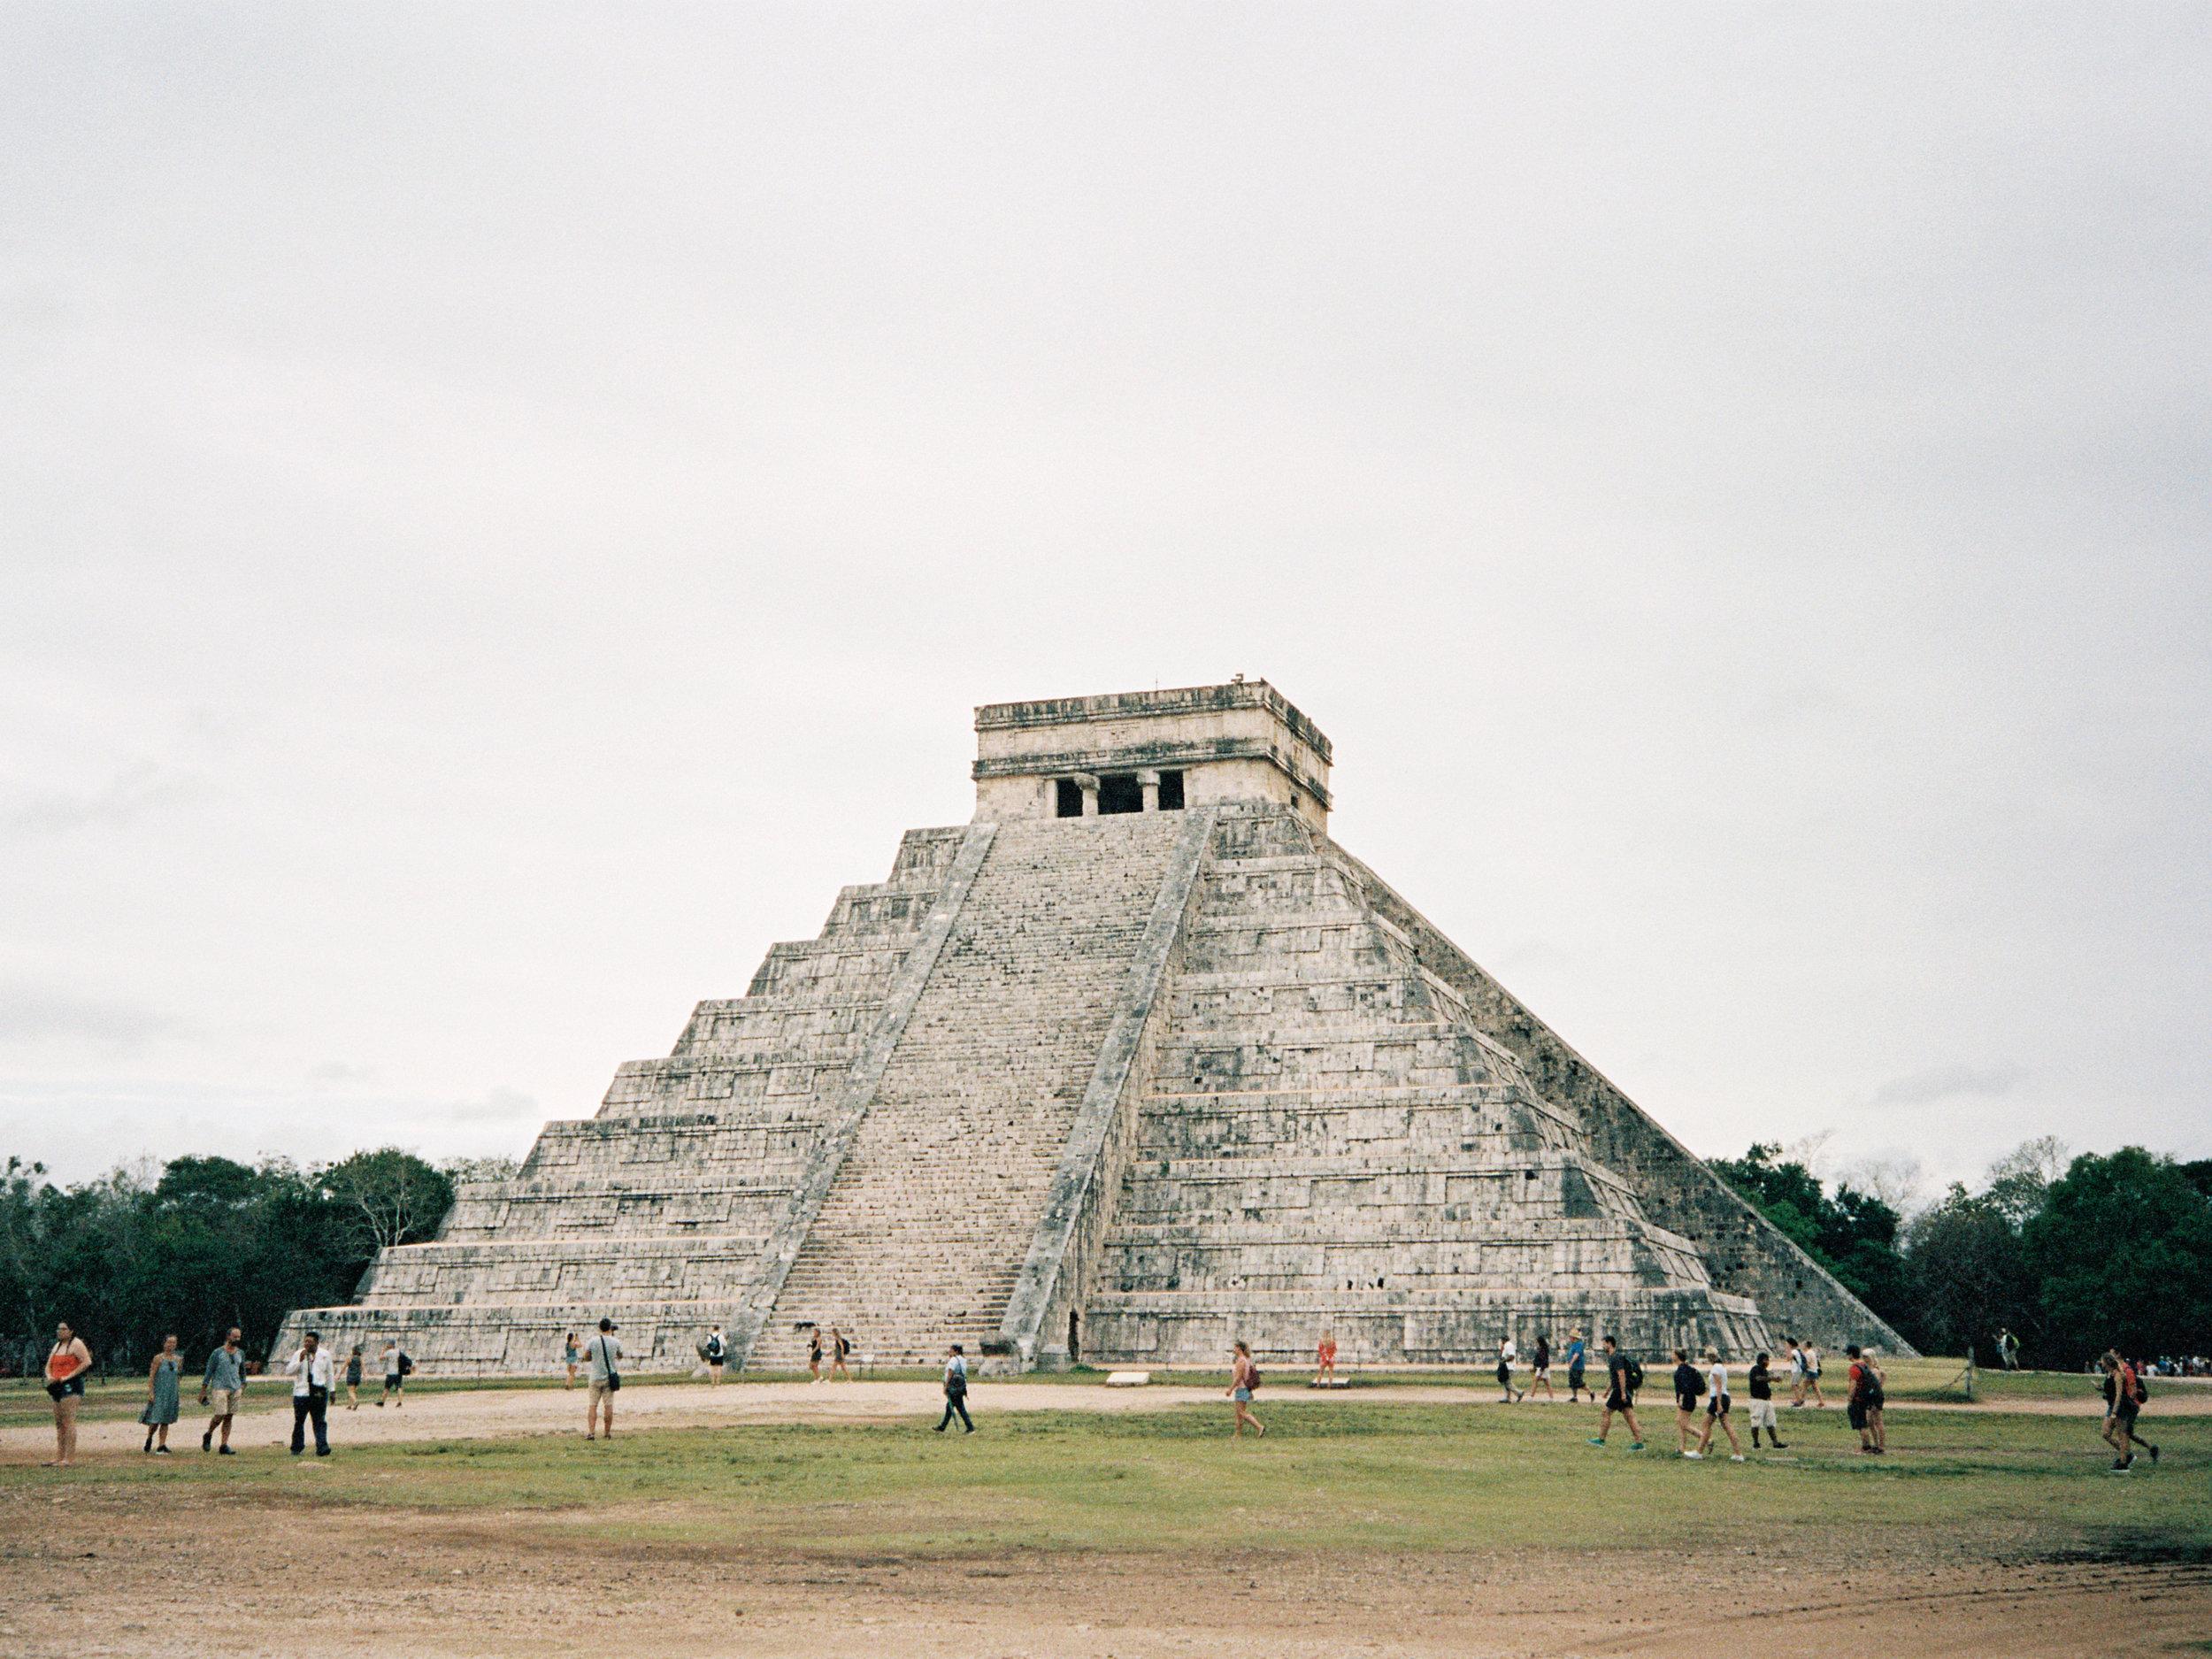 190312_MEXICO_SF_128R.jpg